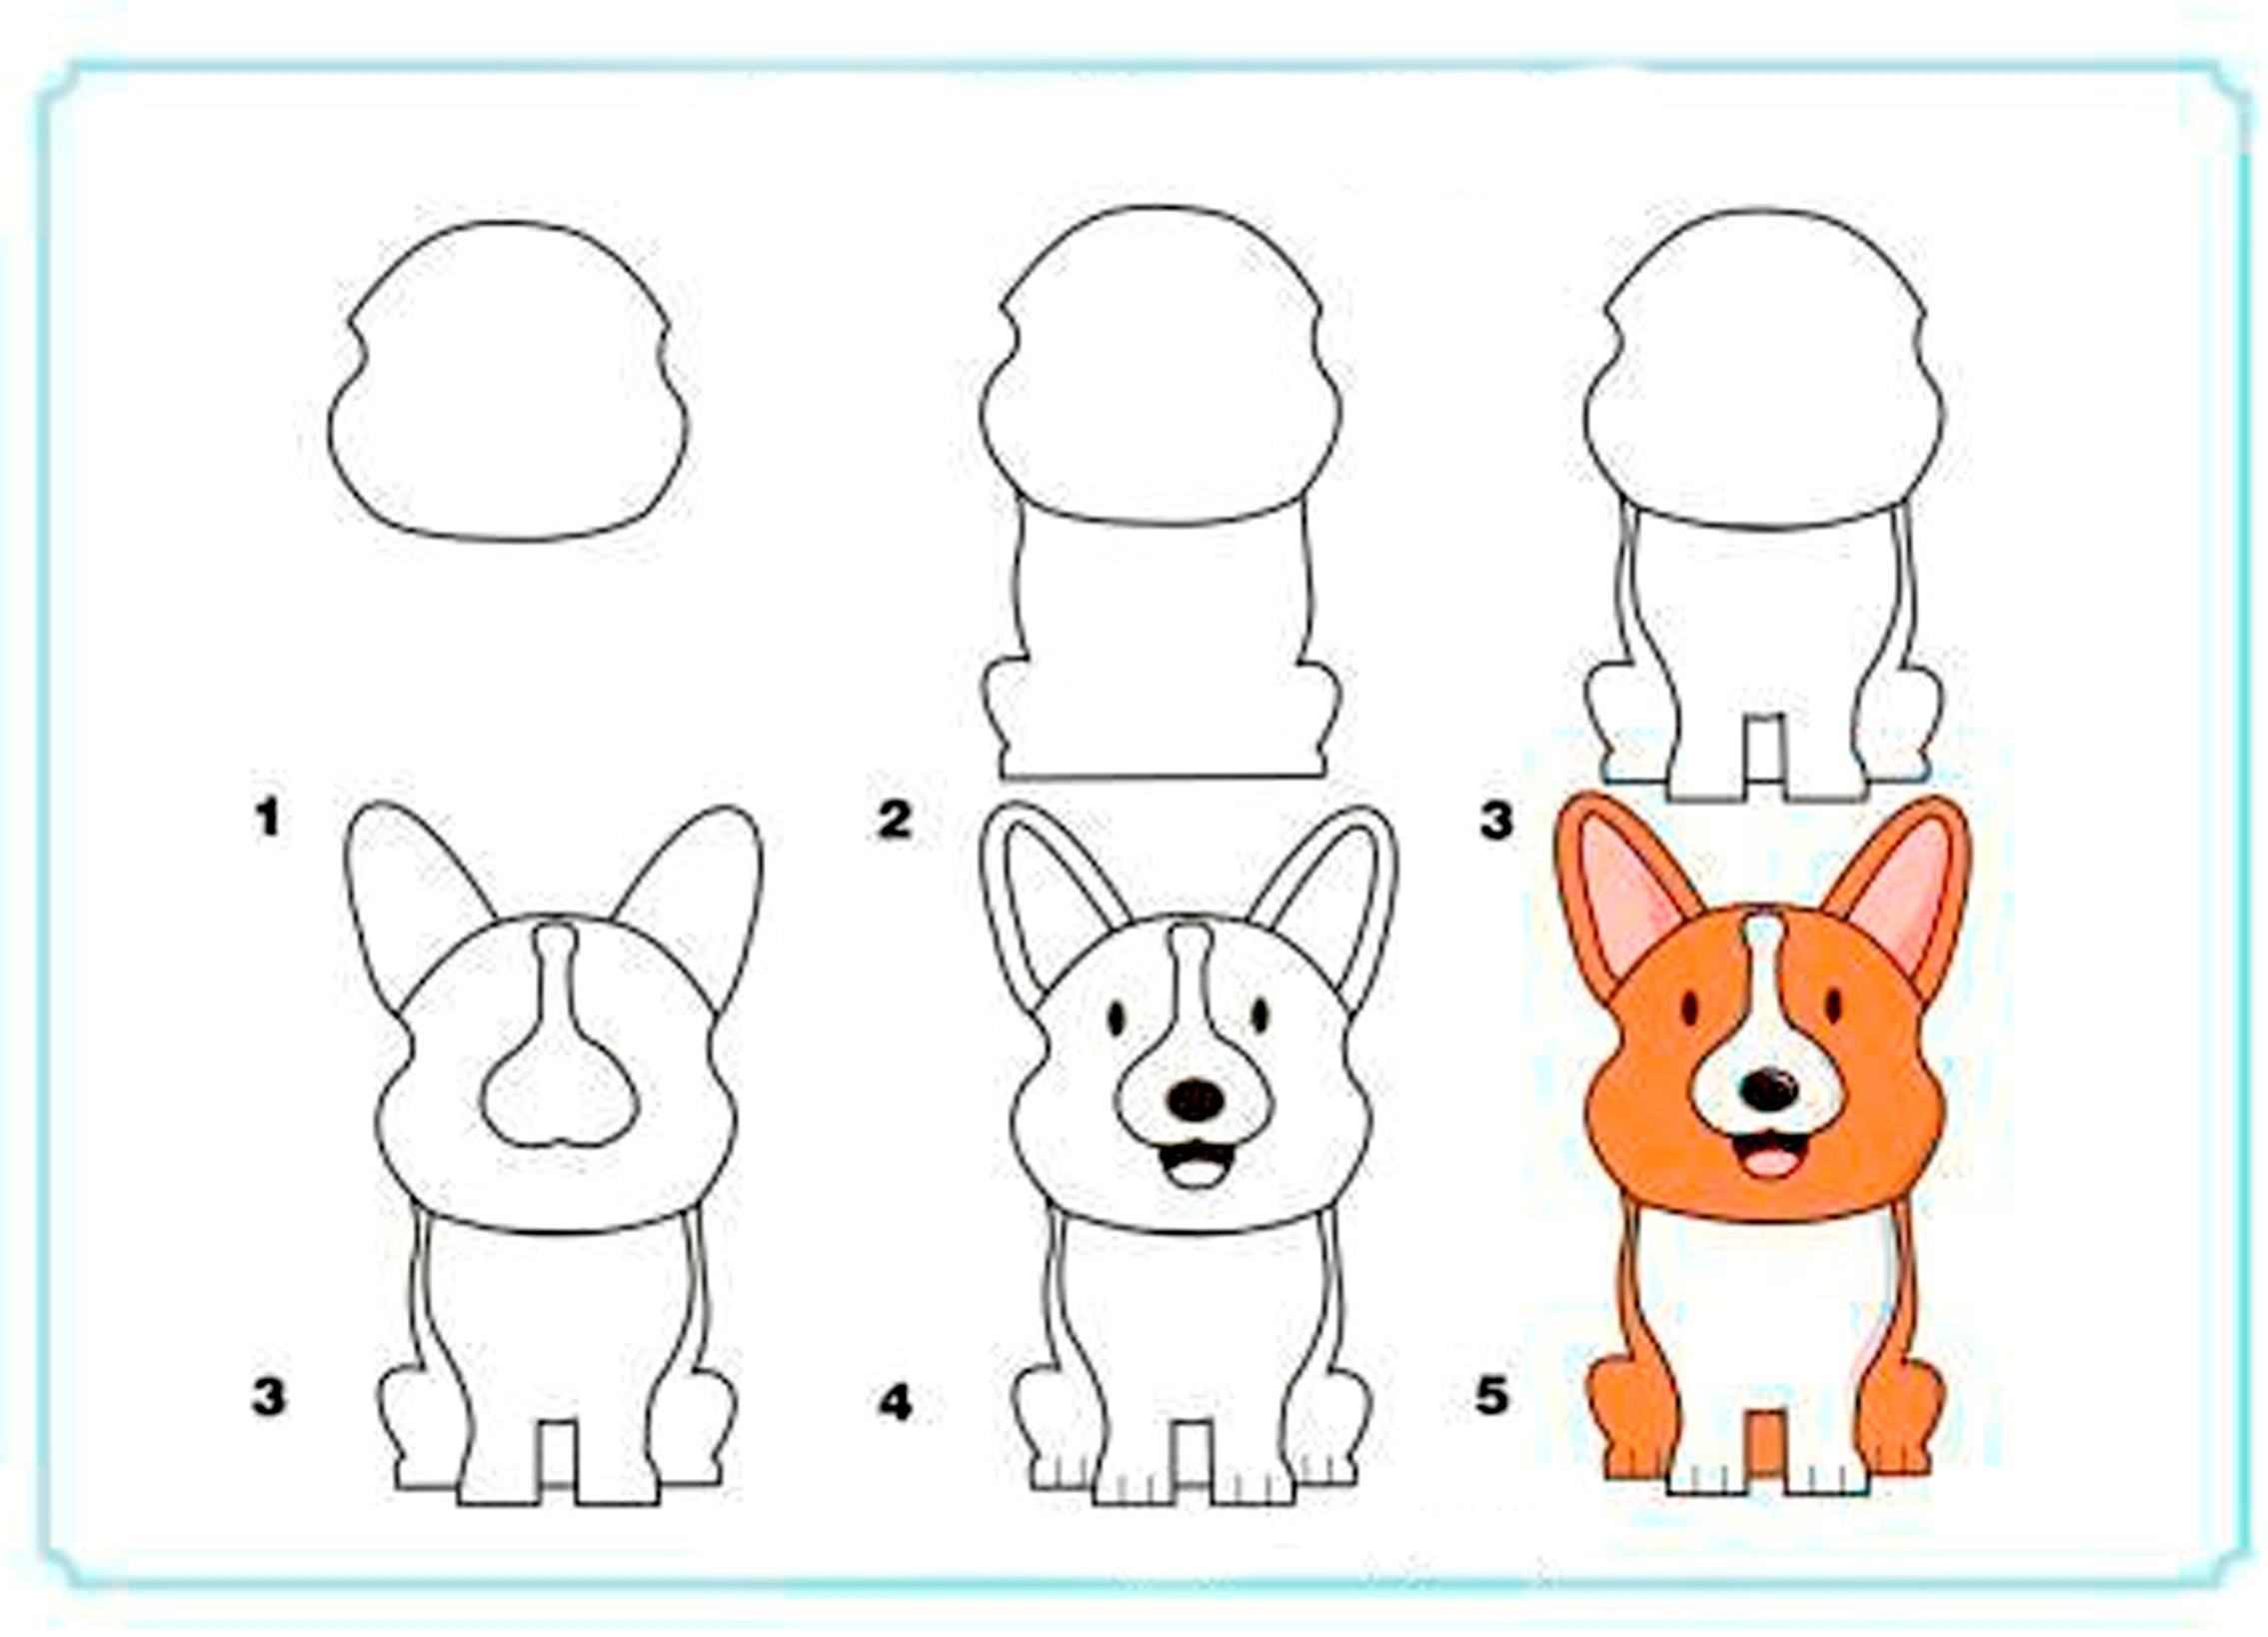 Вечера картинки, картинки животных срисовать для детей